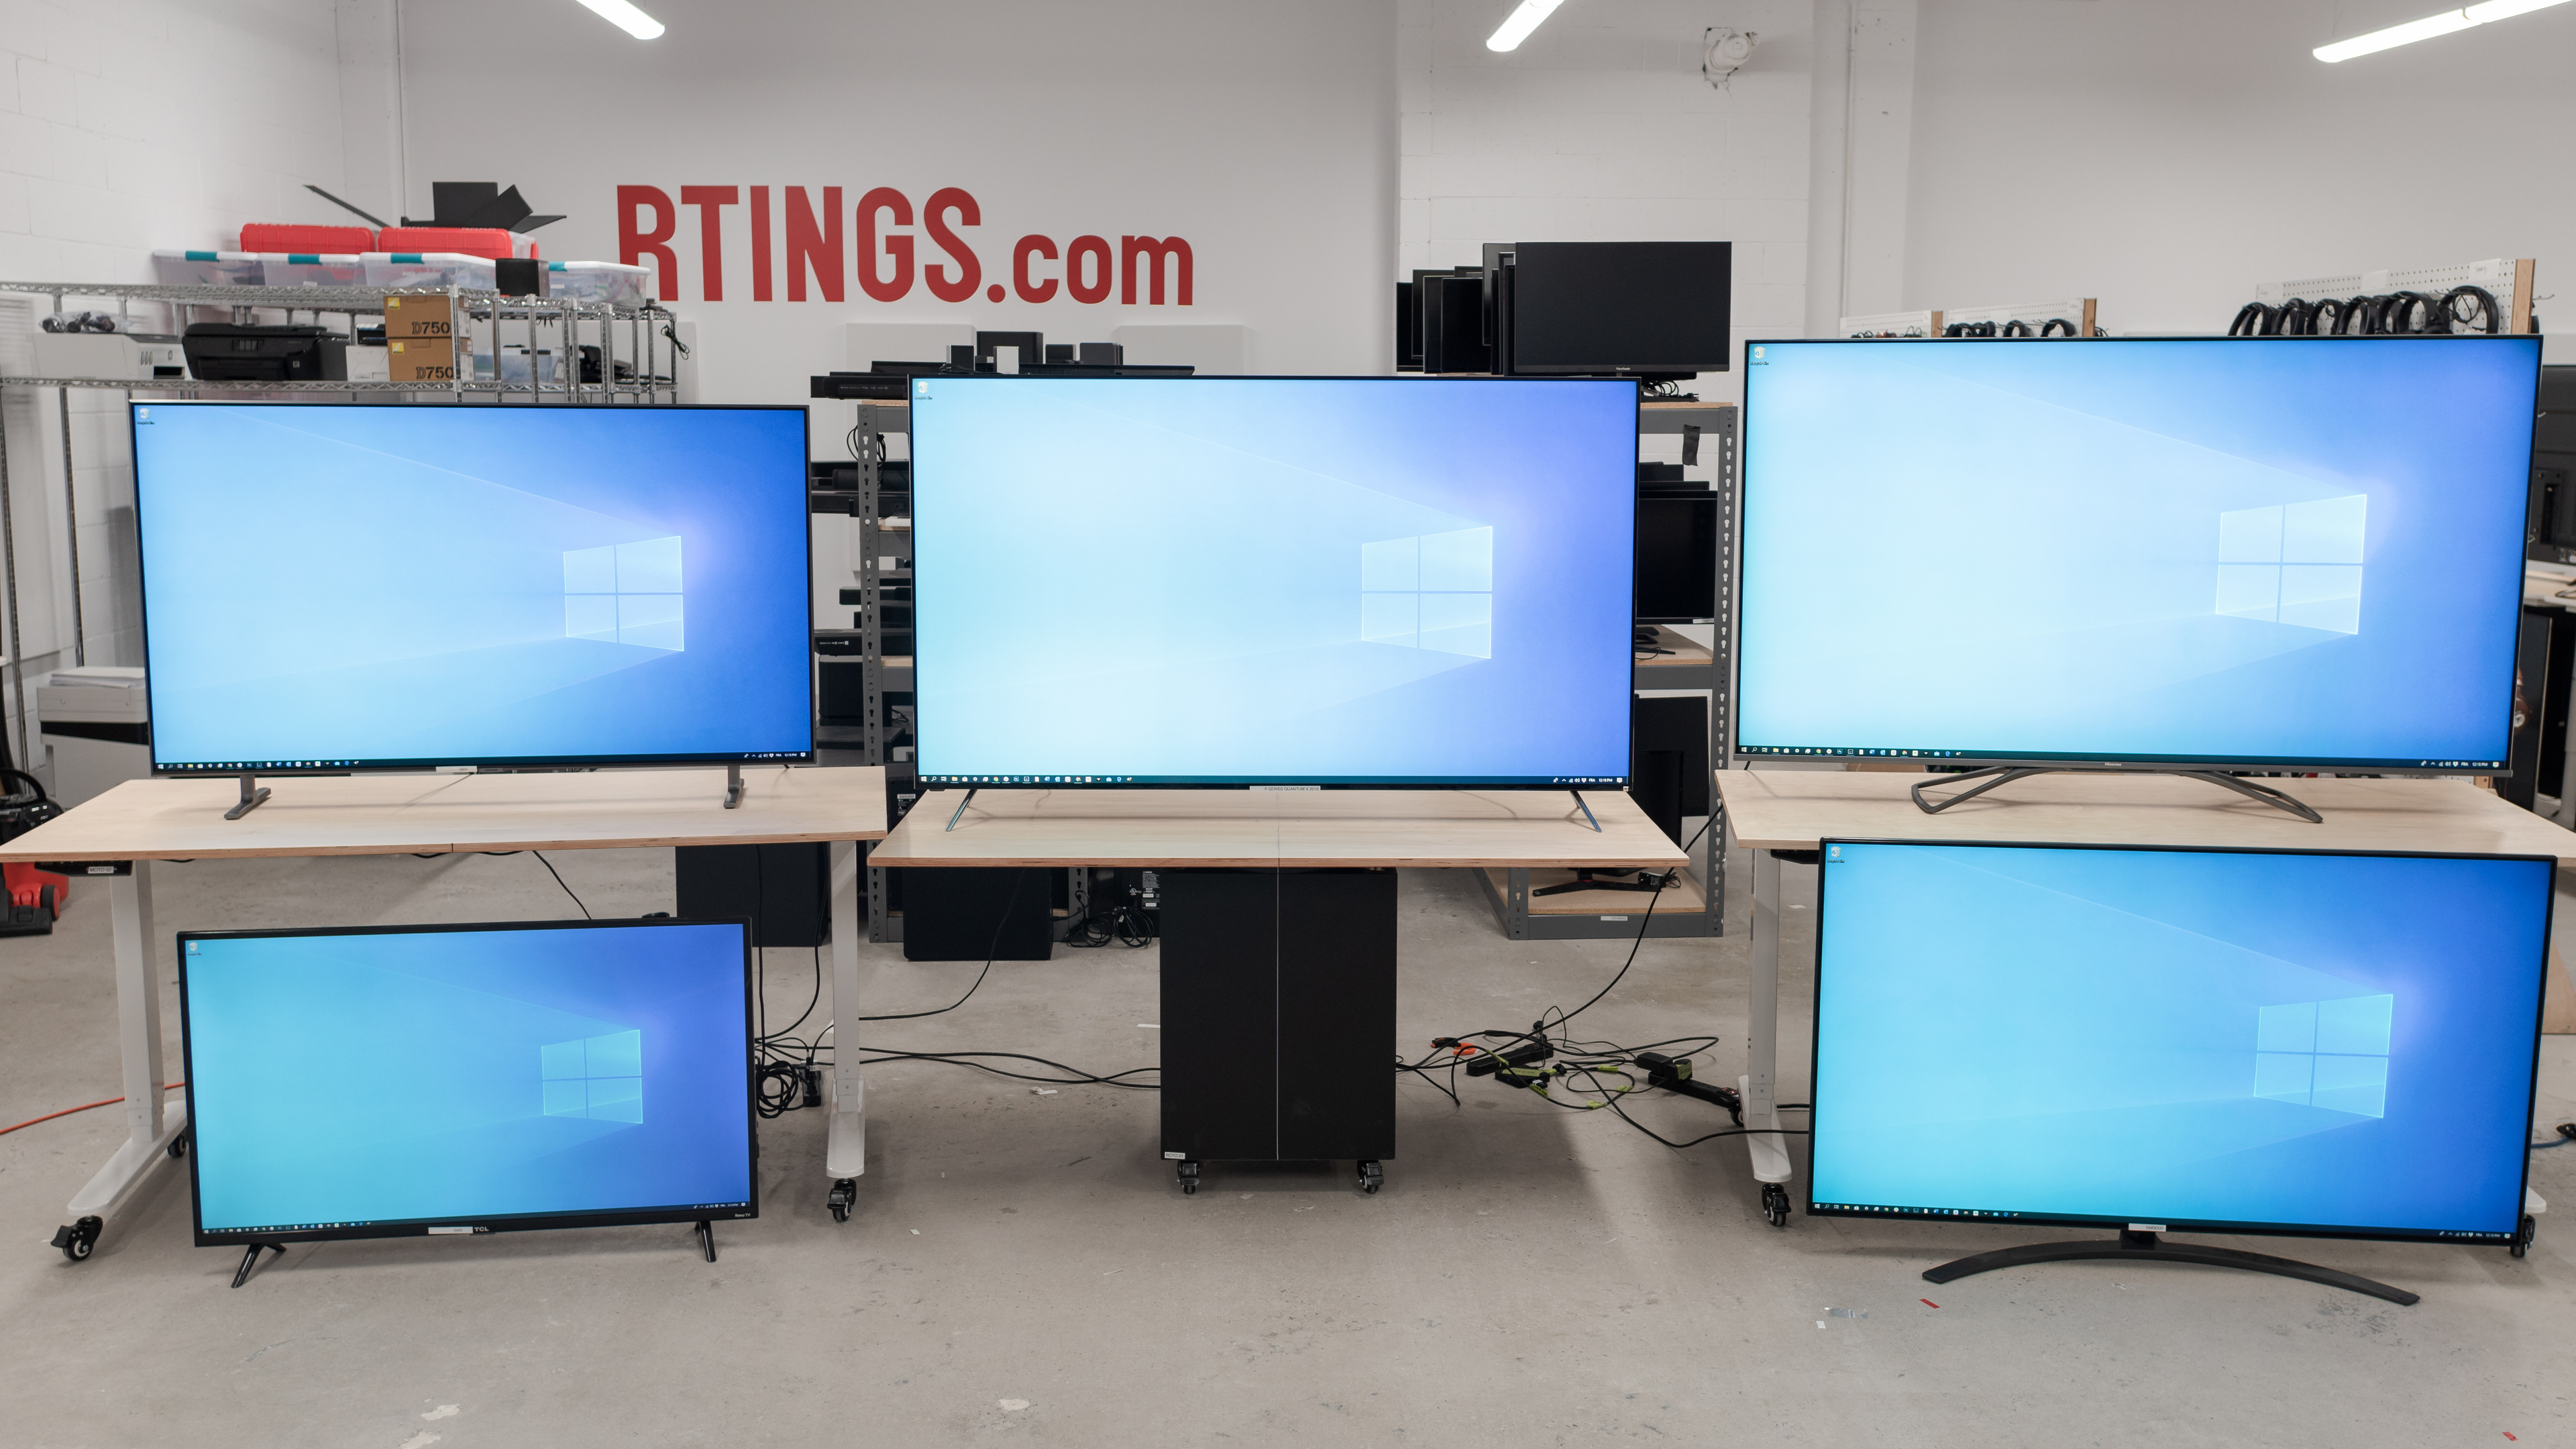 Best Monitor TVs